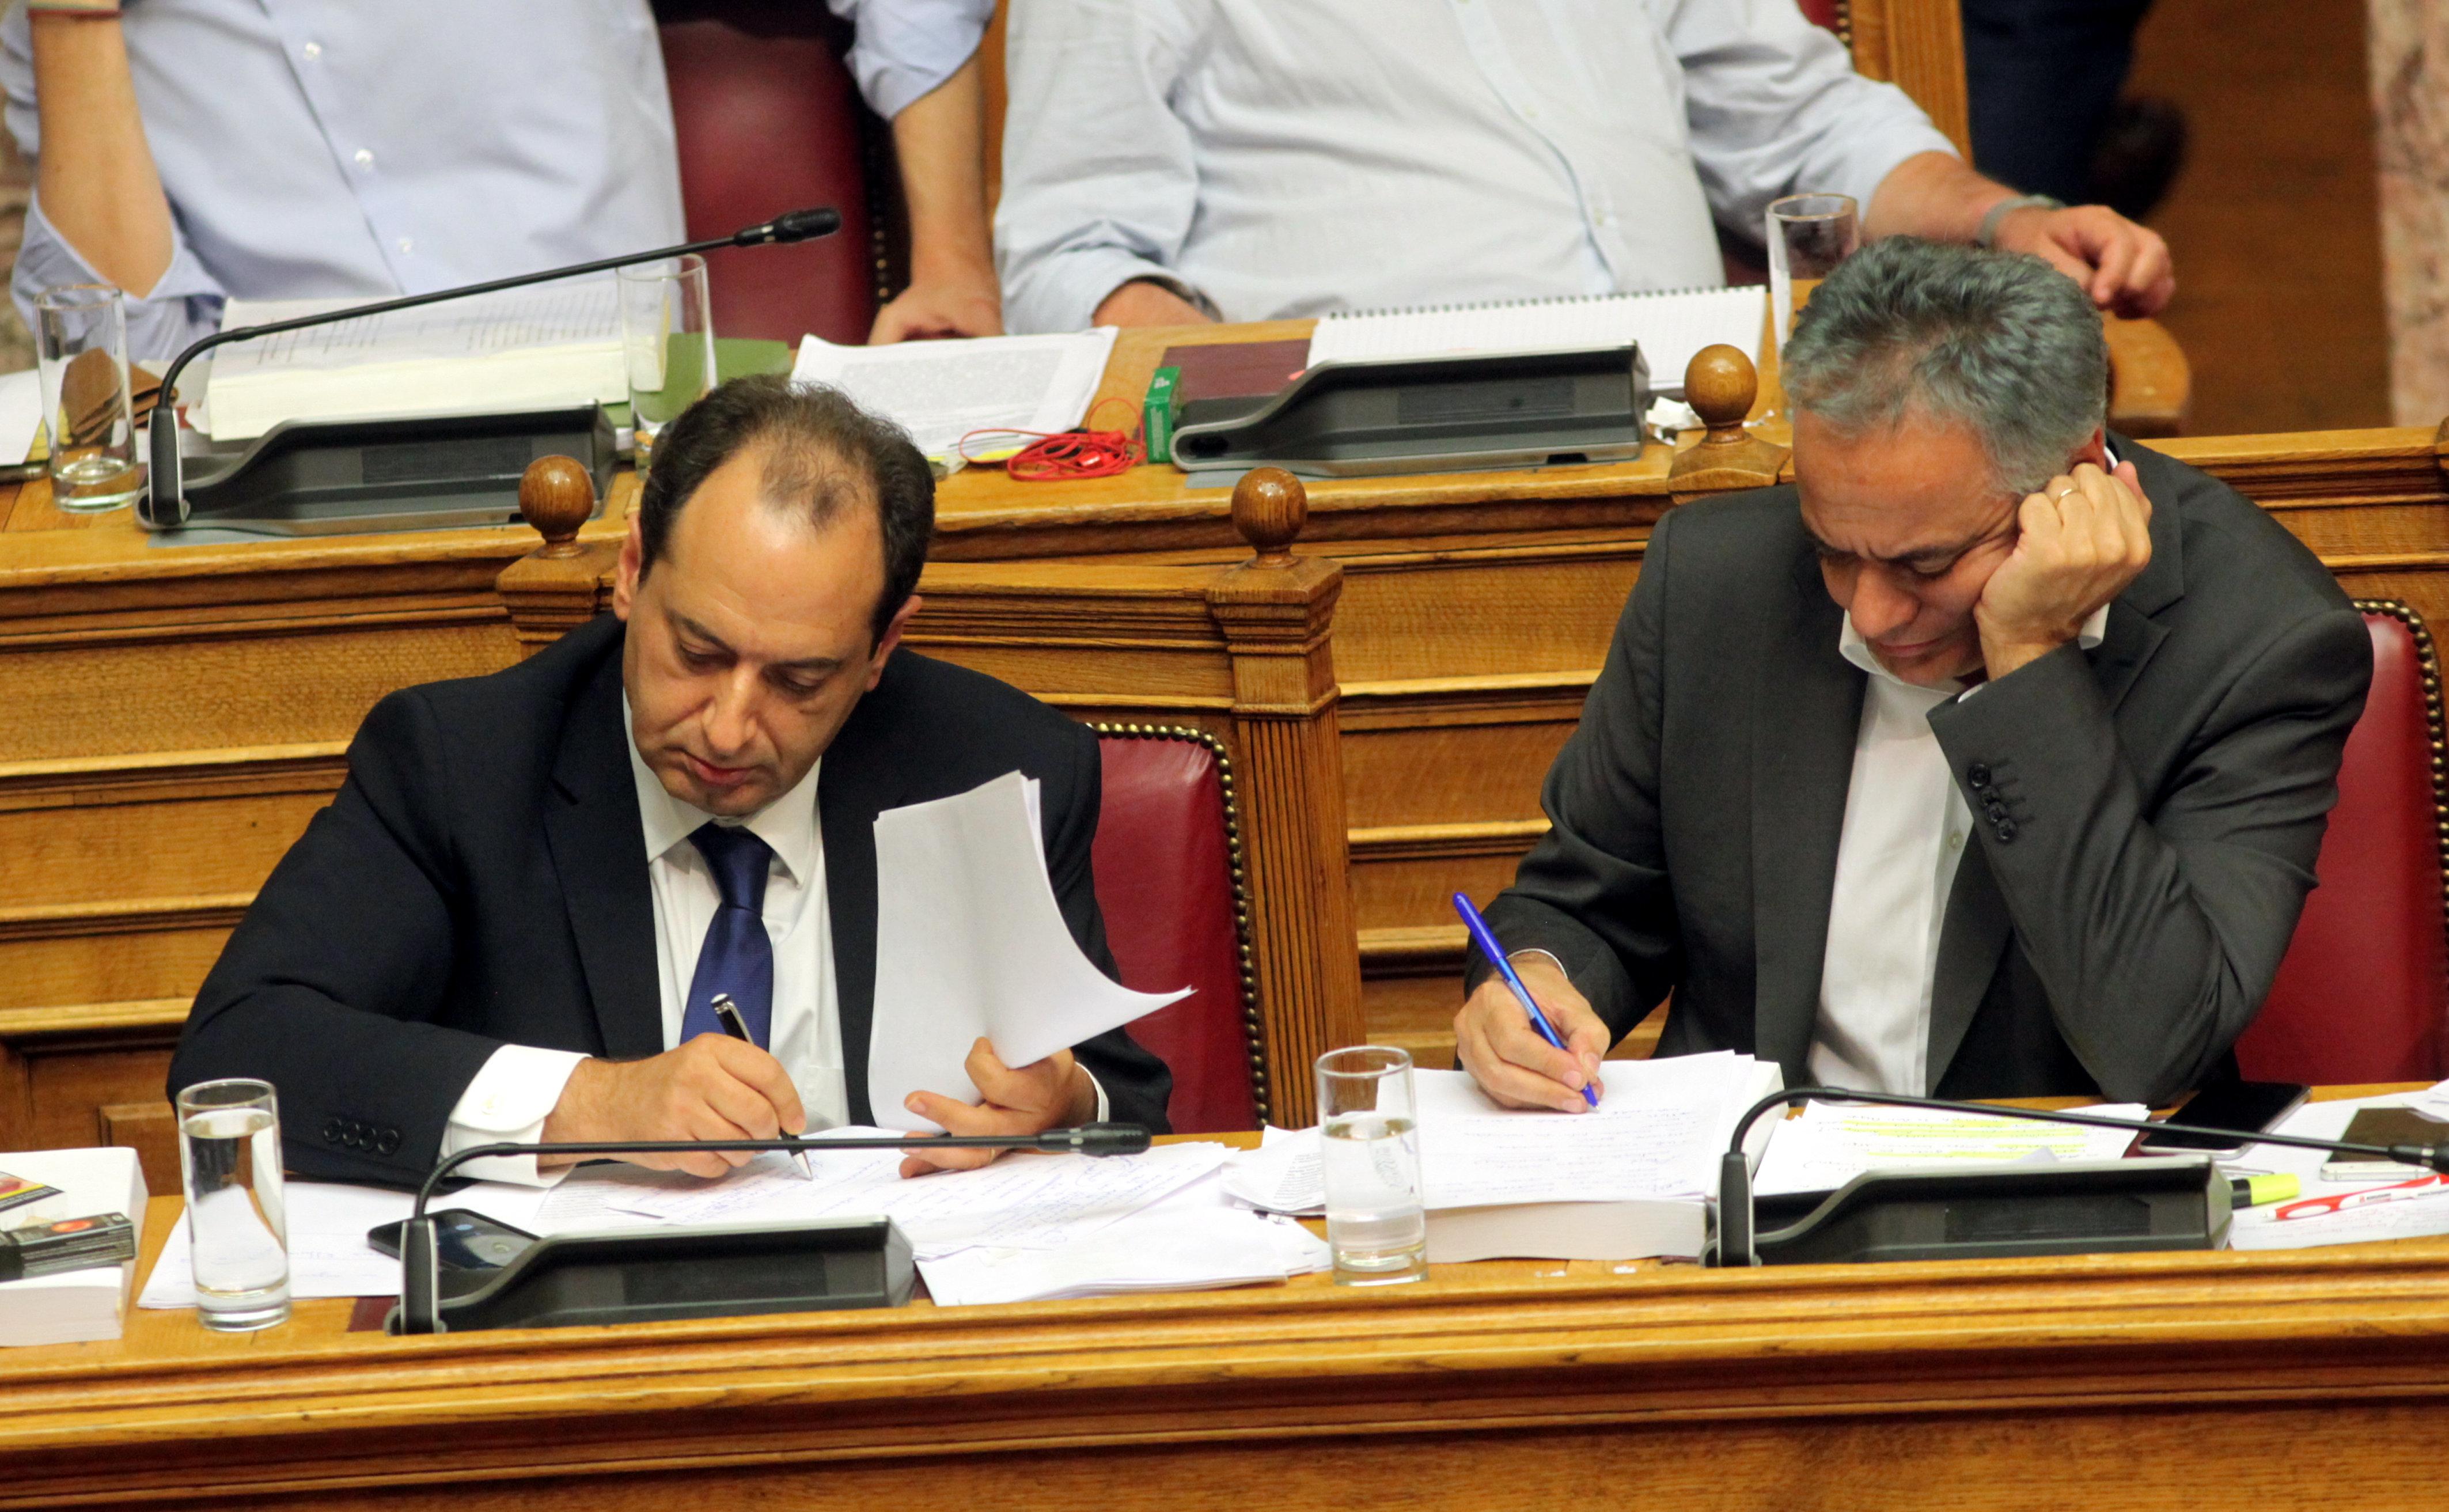 Σπίρτζης: Την Τρίτη ξεκινά η υποβολή αιτήσεων για το επίδομα των 5.000 ευρώ στους